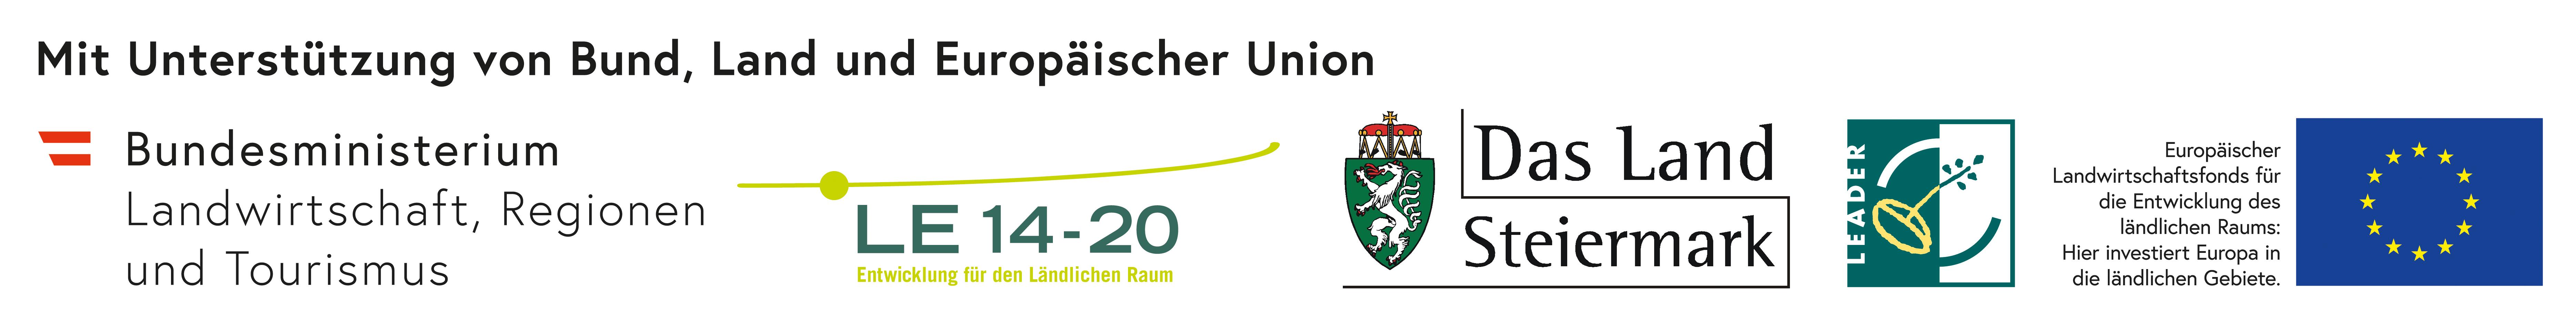 Foeg_Leiste_Bund_Laender_und_EU_ELER_2018_Test_4C